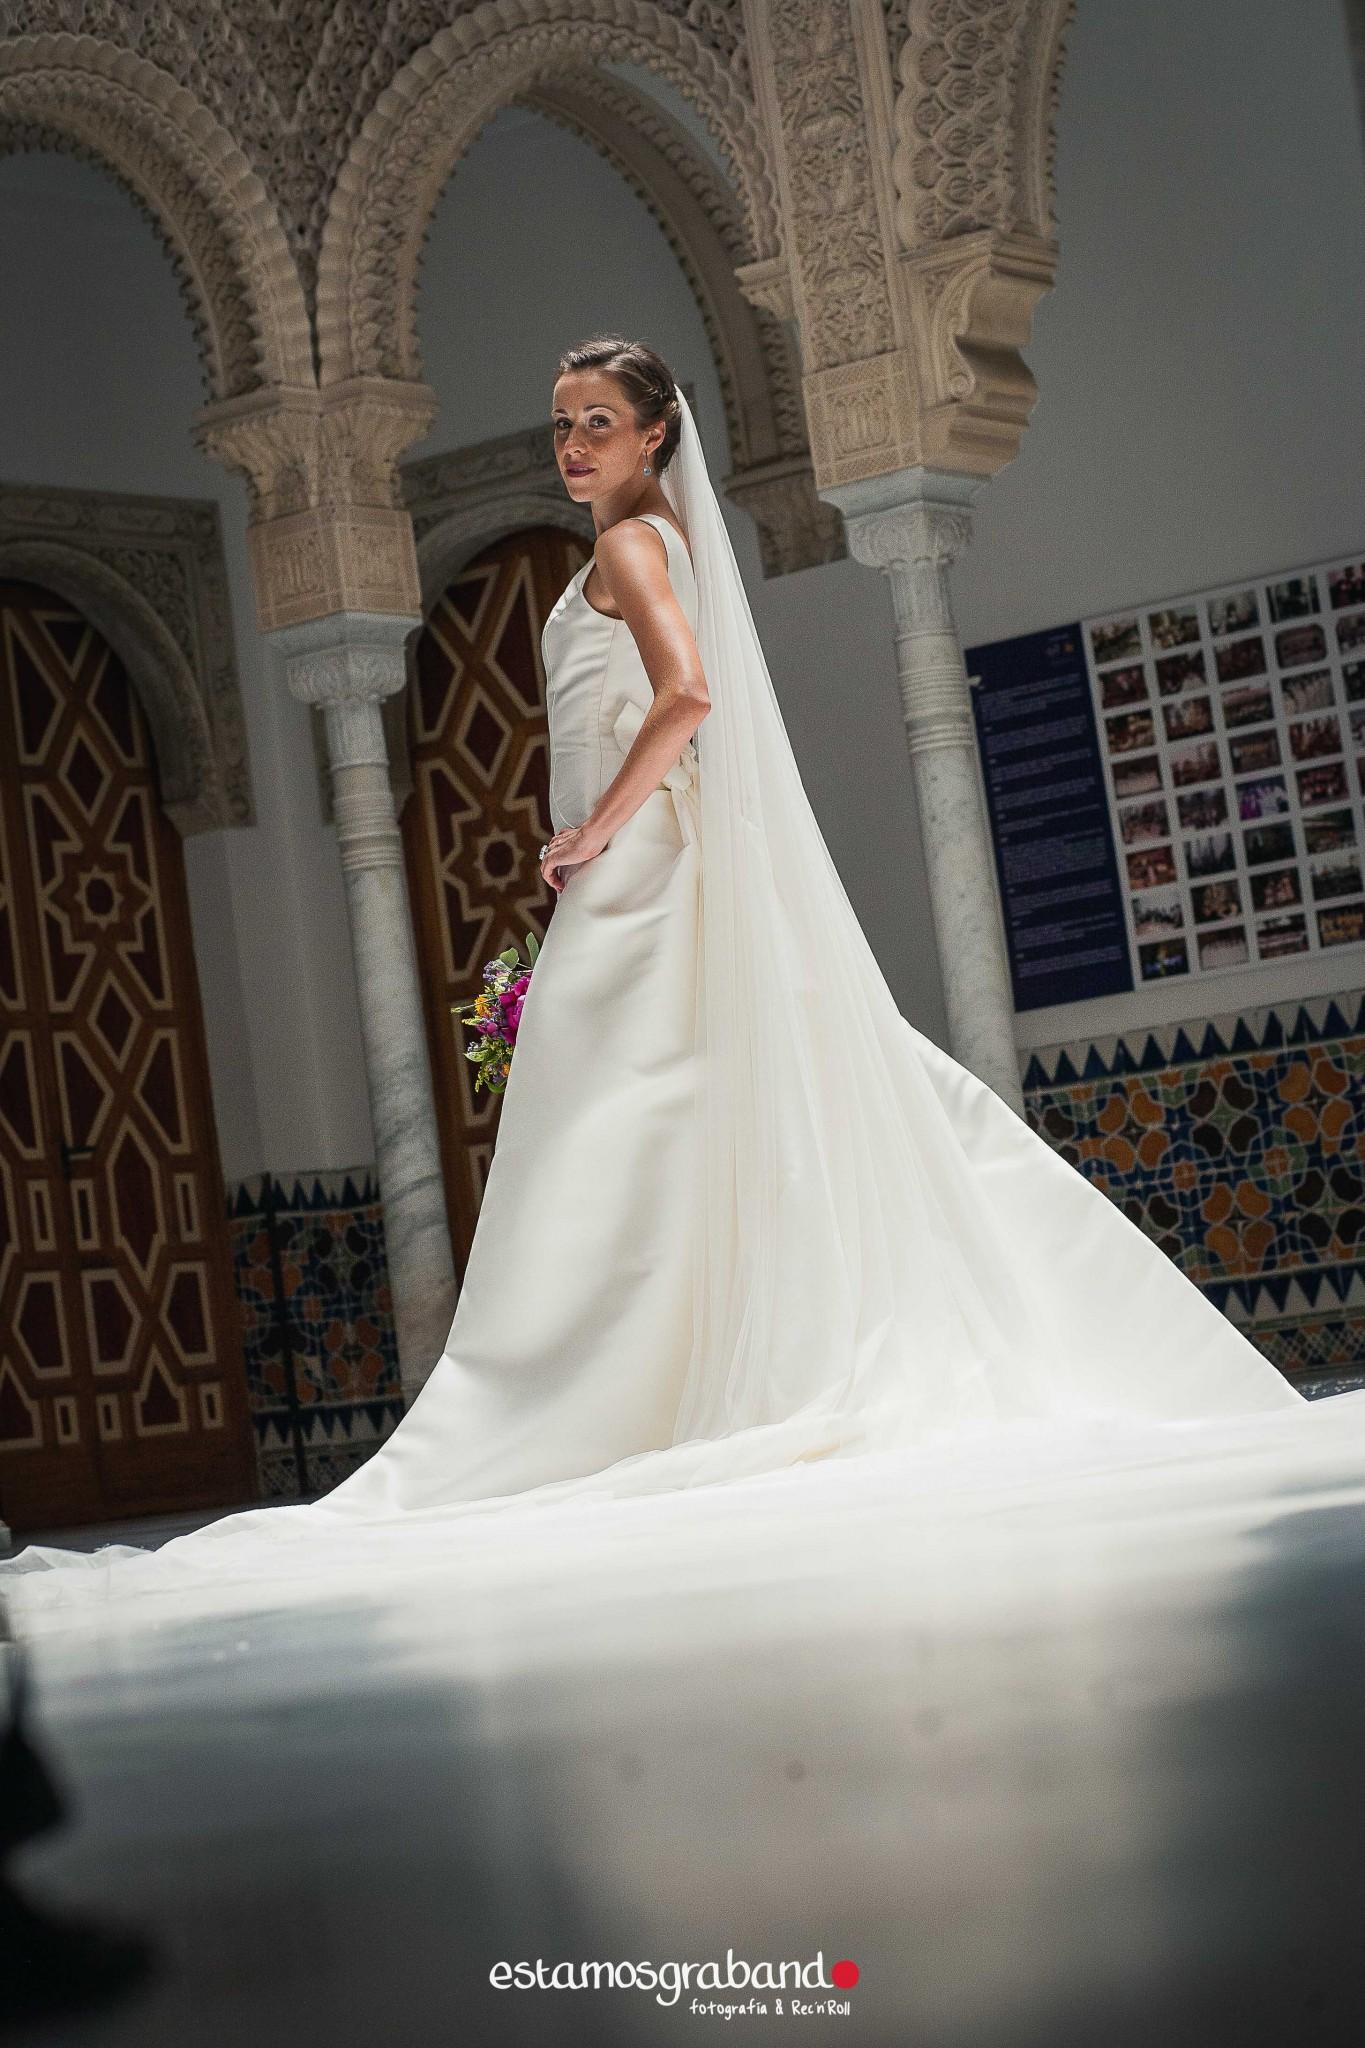 fotografo-de-bodas-jerez_mari-paz-jaime_bodegas-tradiciocc81n-35 32 escalones [Fotografía de bodas Jerez_Mari Paz & Jaime] - video boda cadiz